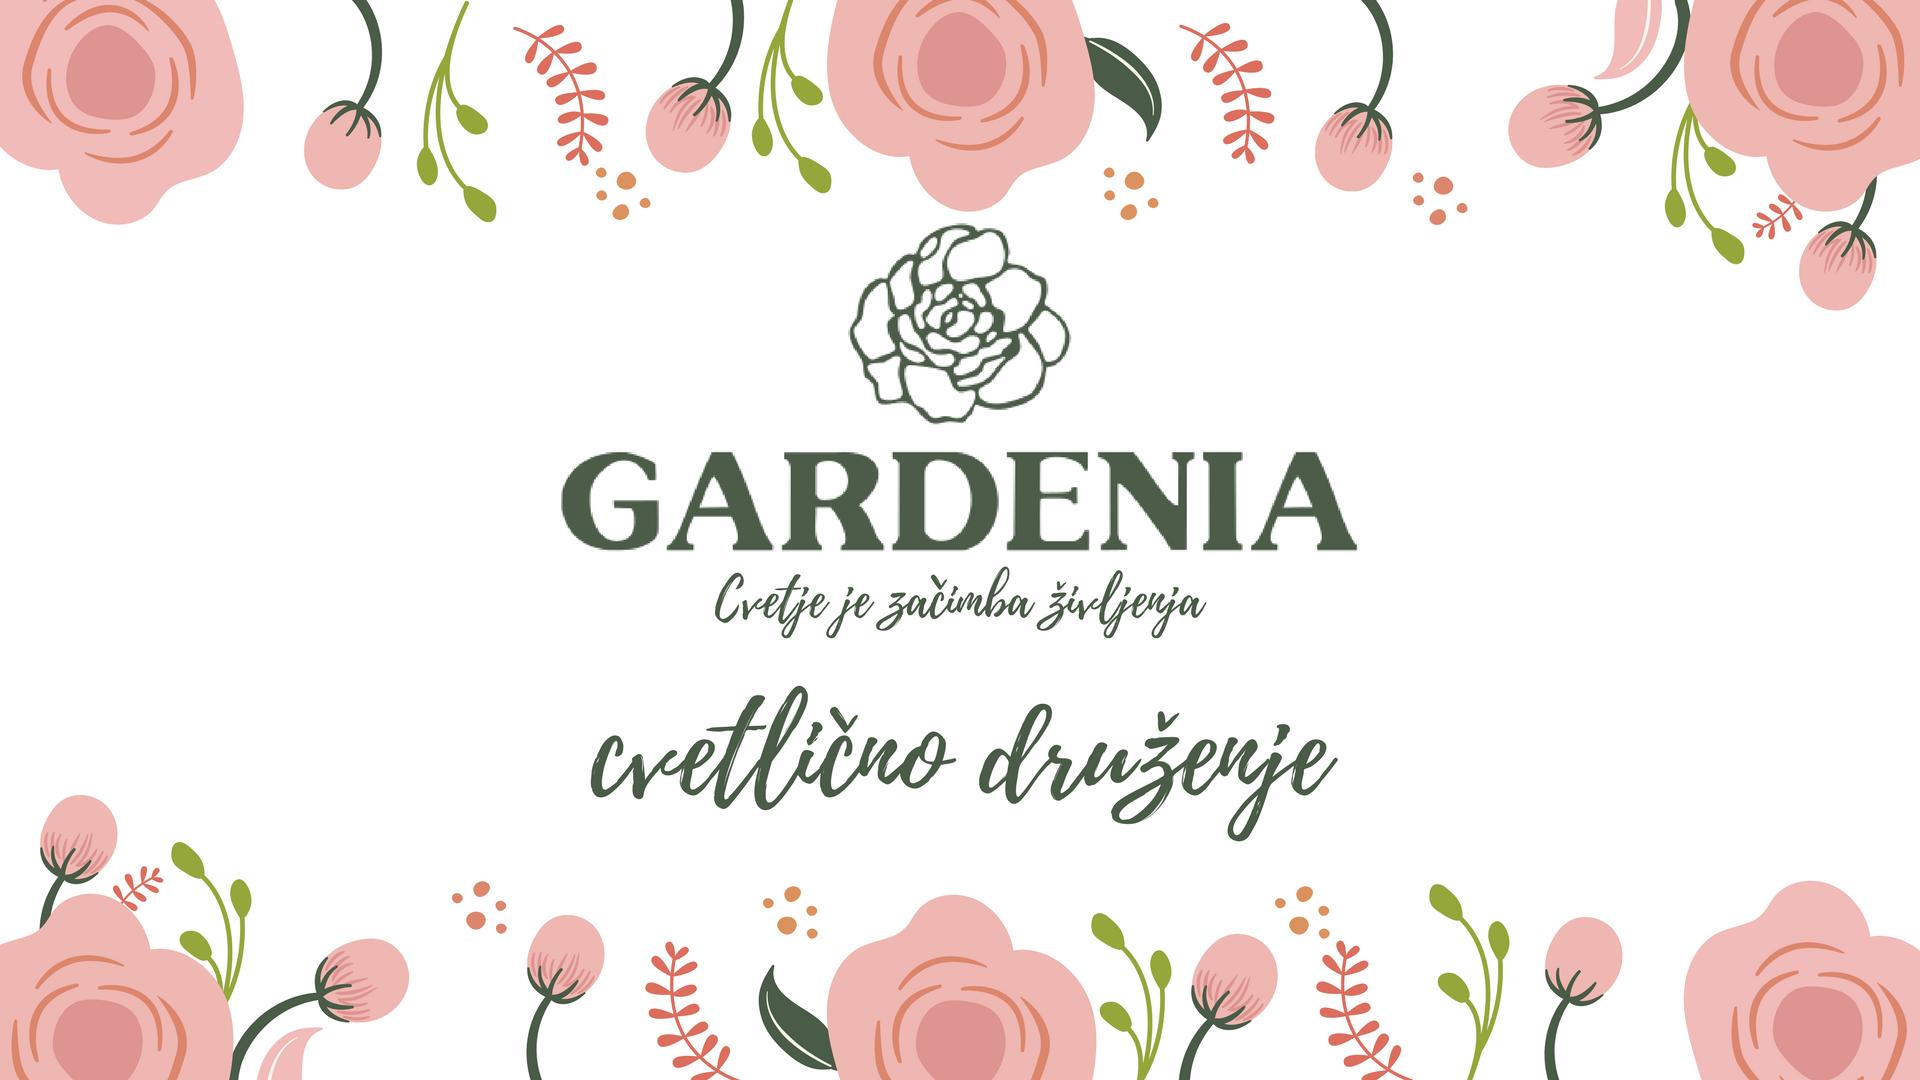 Gardenia_cvetlično druženje_Email cover